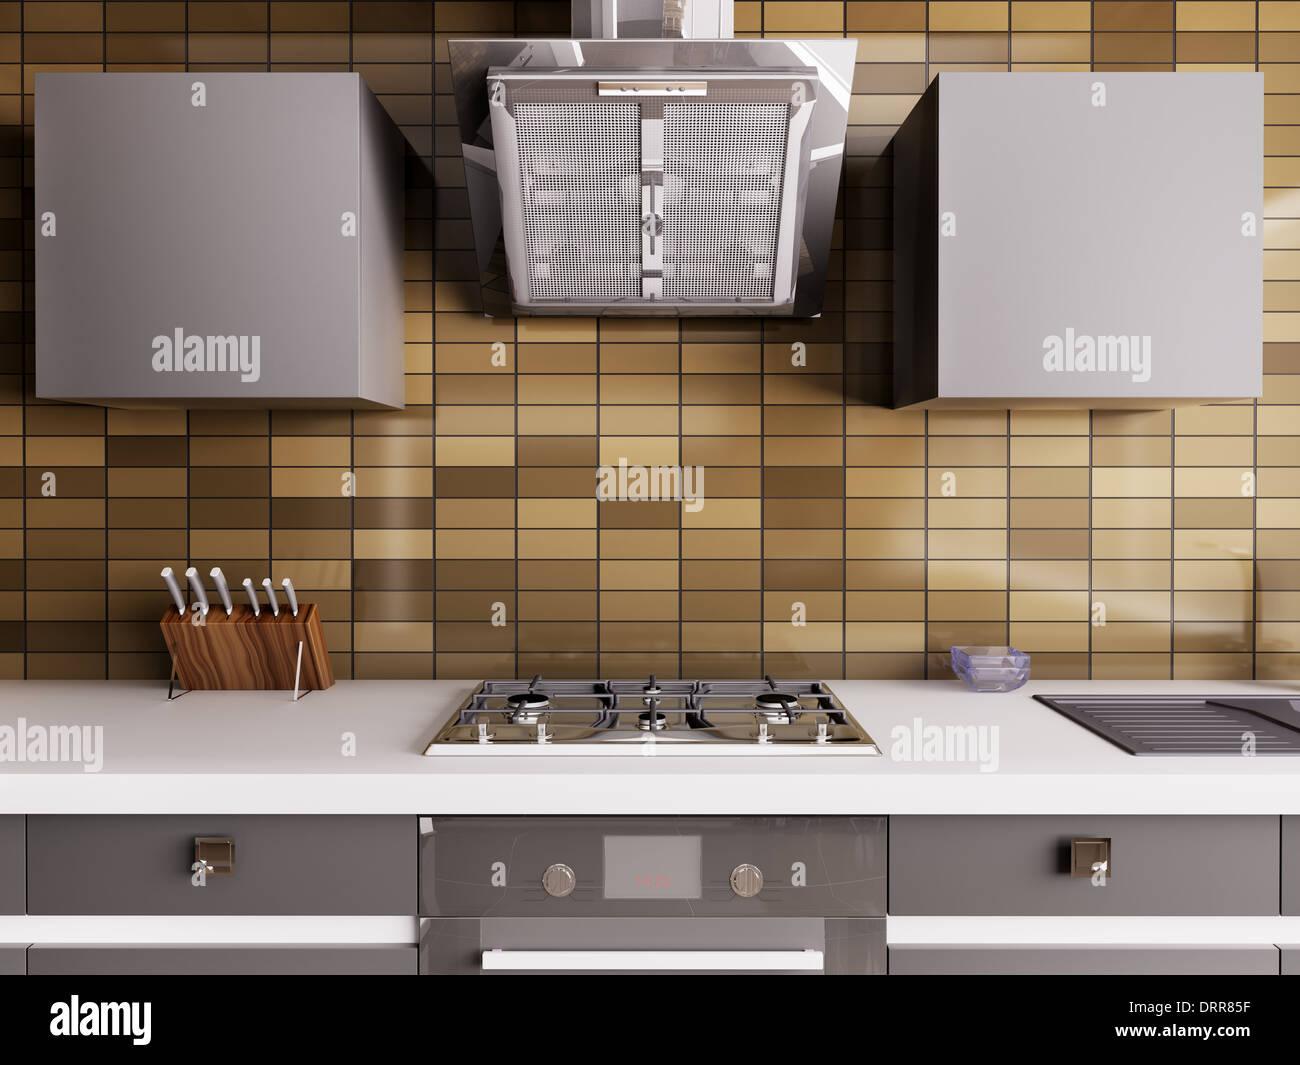 Schön Die Haube Küche Zeitgenössisch - Küchen Design Ideen ...